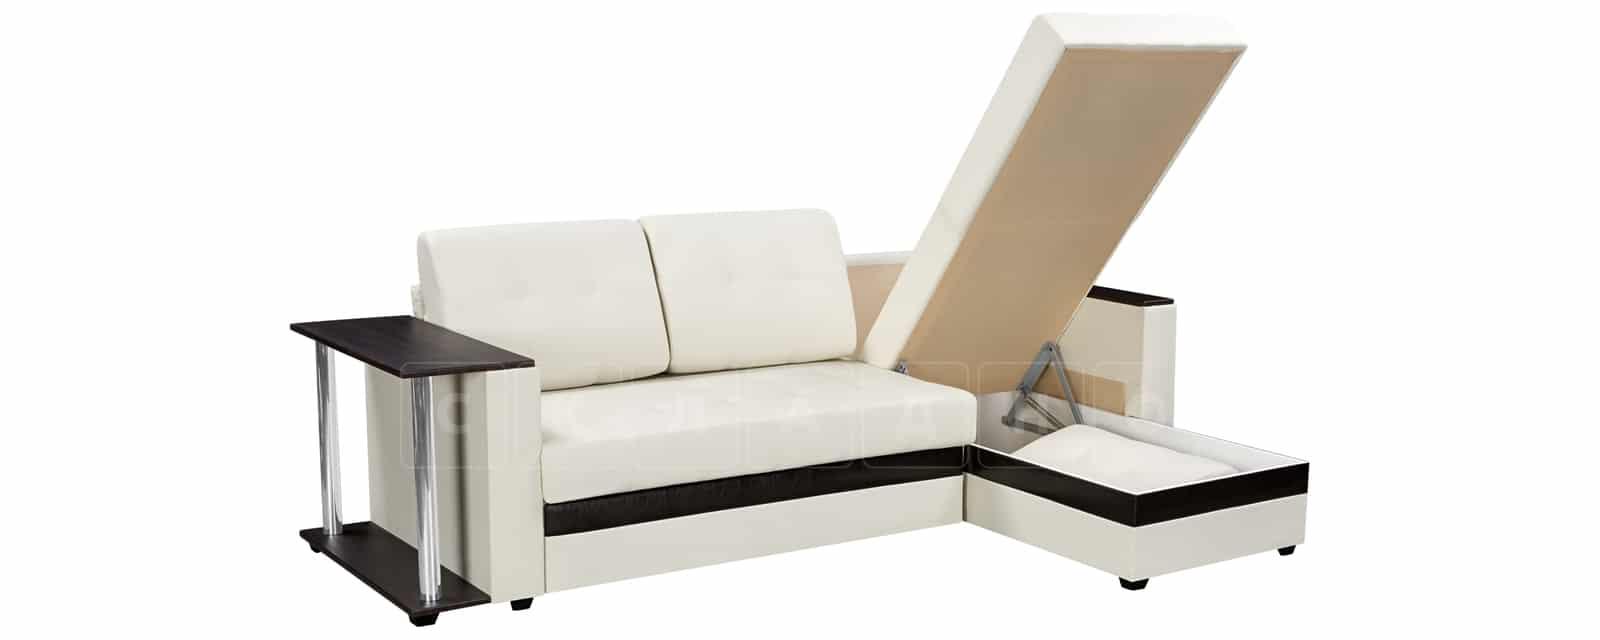 Угловой диван Атланта экокожа молочный фото 4   интернет-магазин Складно